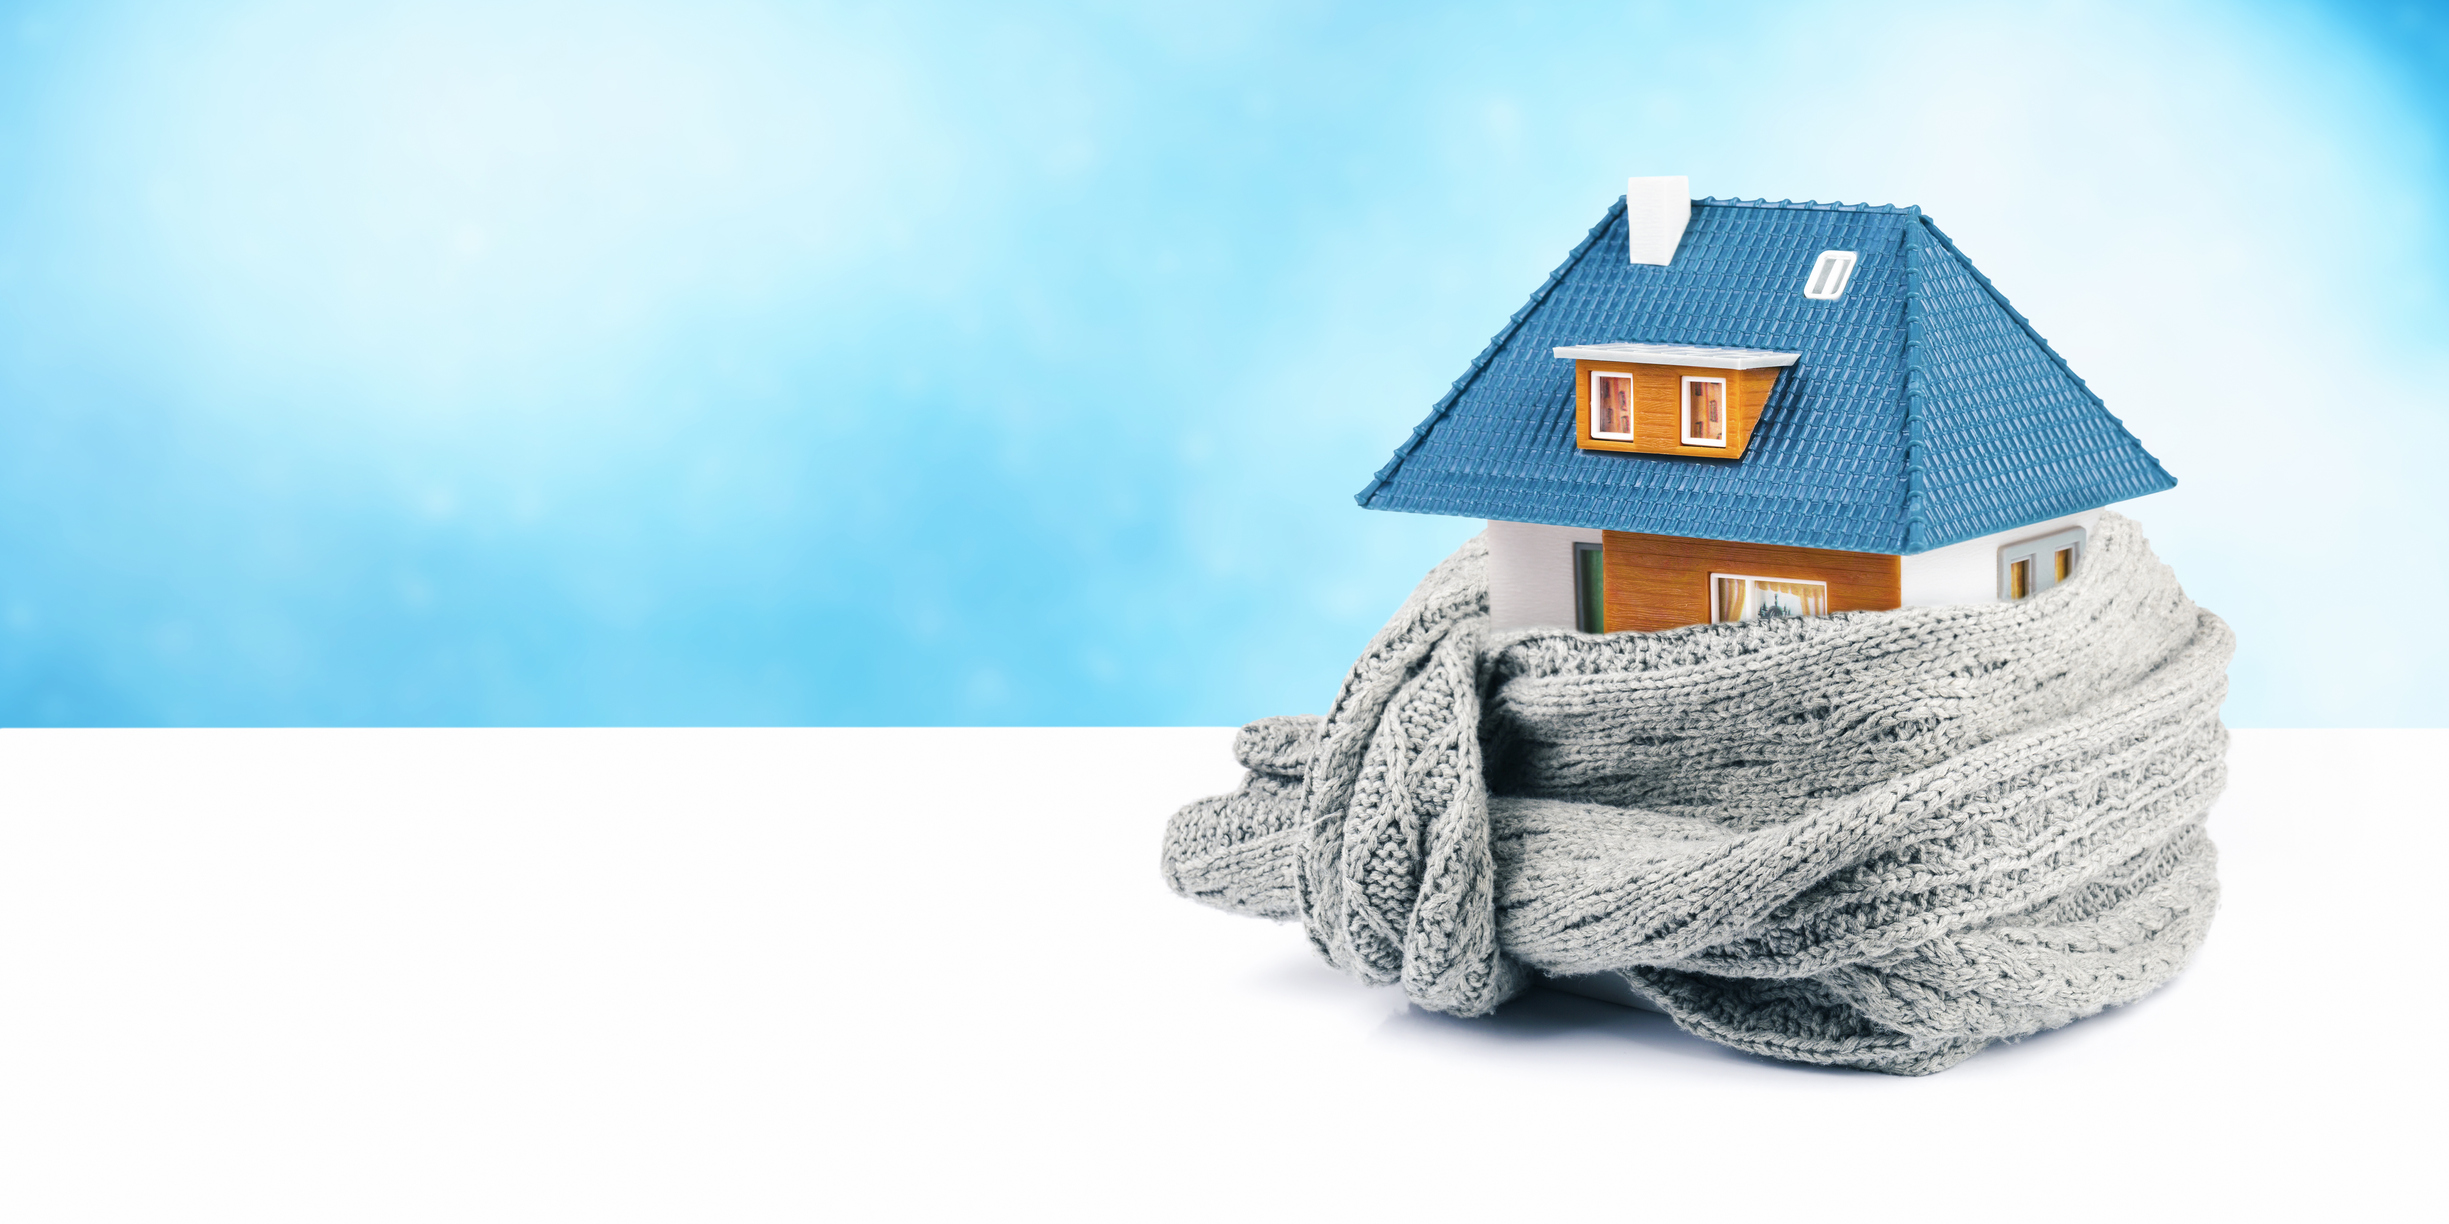 Cu l es la temperatura ptima para poner la calefacci n - Temperatura calefaccion invierno ...